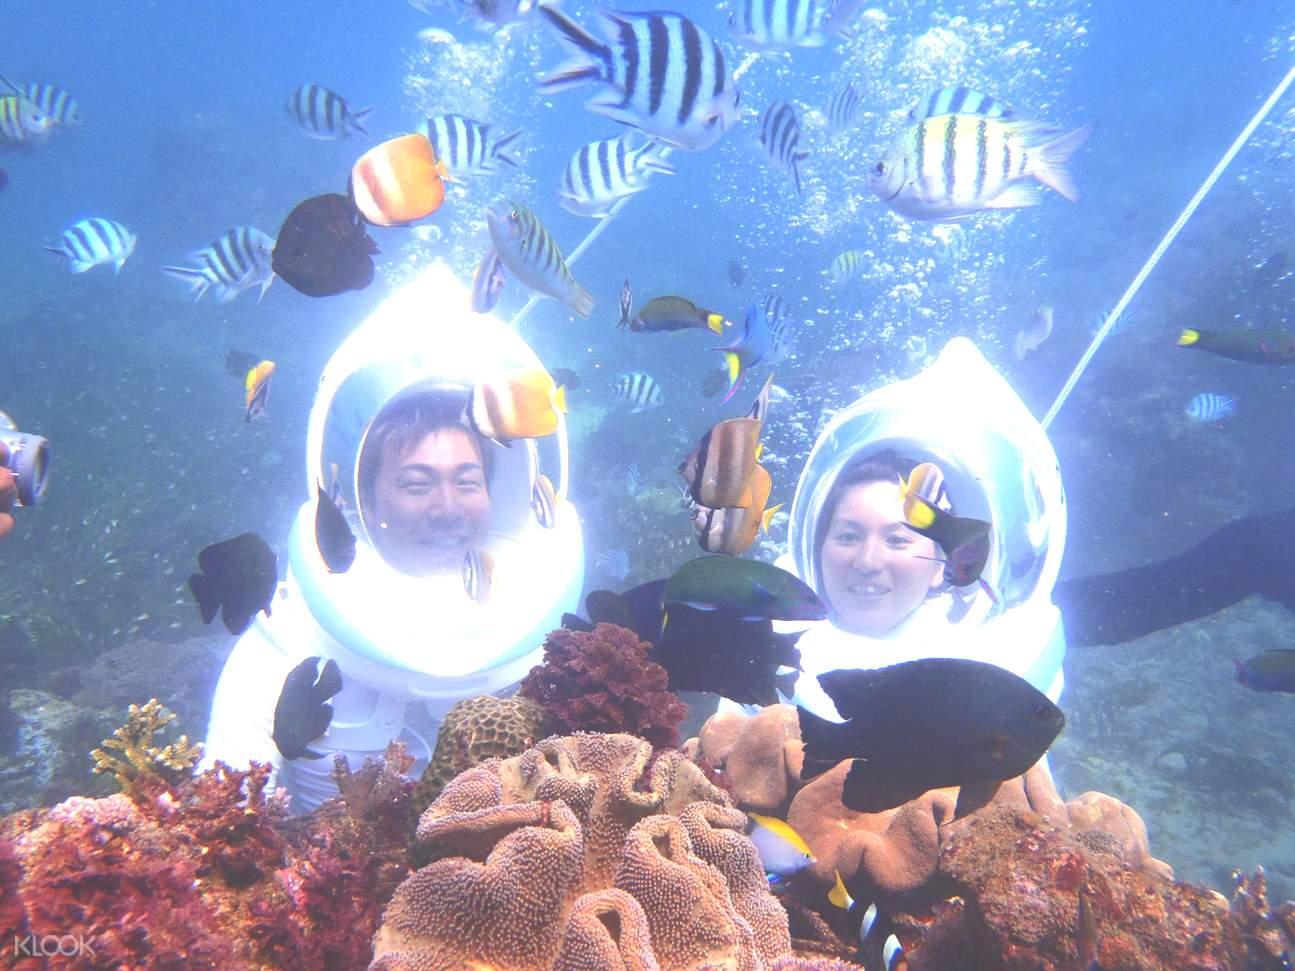 巴厘島潛水,巴厘島水下活動,巴厘島戶外活動